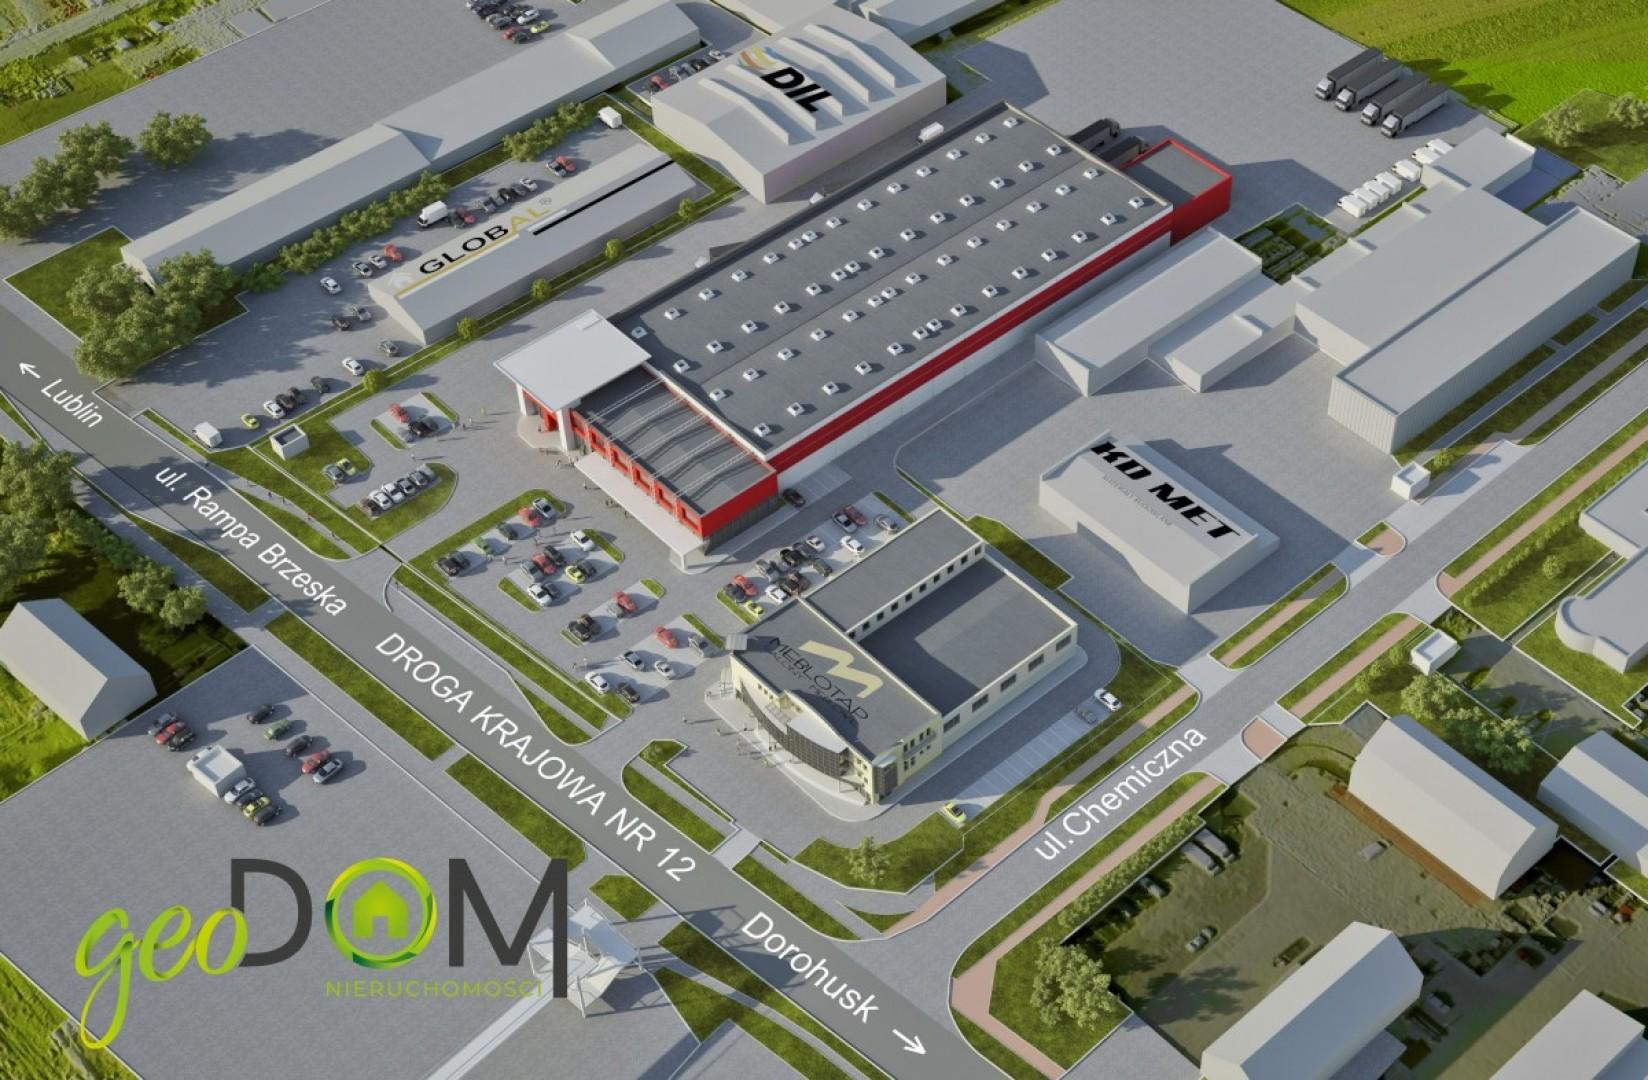 Działka przemysłowa 2 ha z projektem rozbudowy.